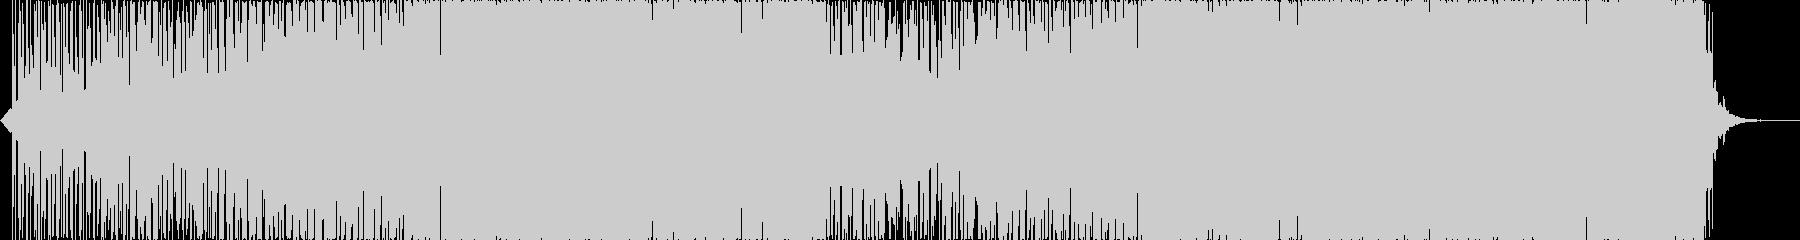 官能的でK-POP風のダウナーEDMの未再生の波形